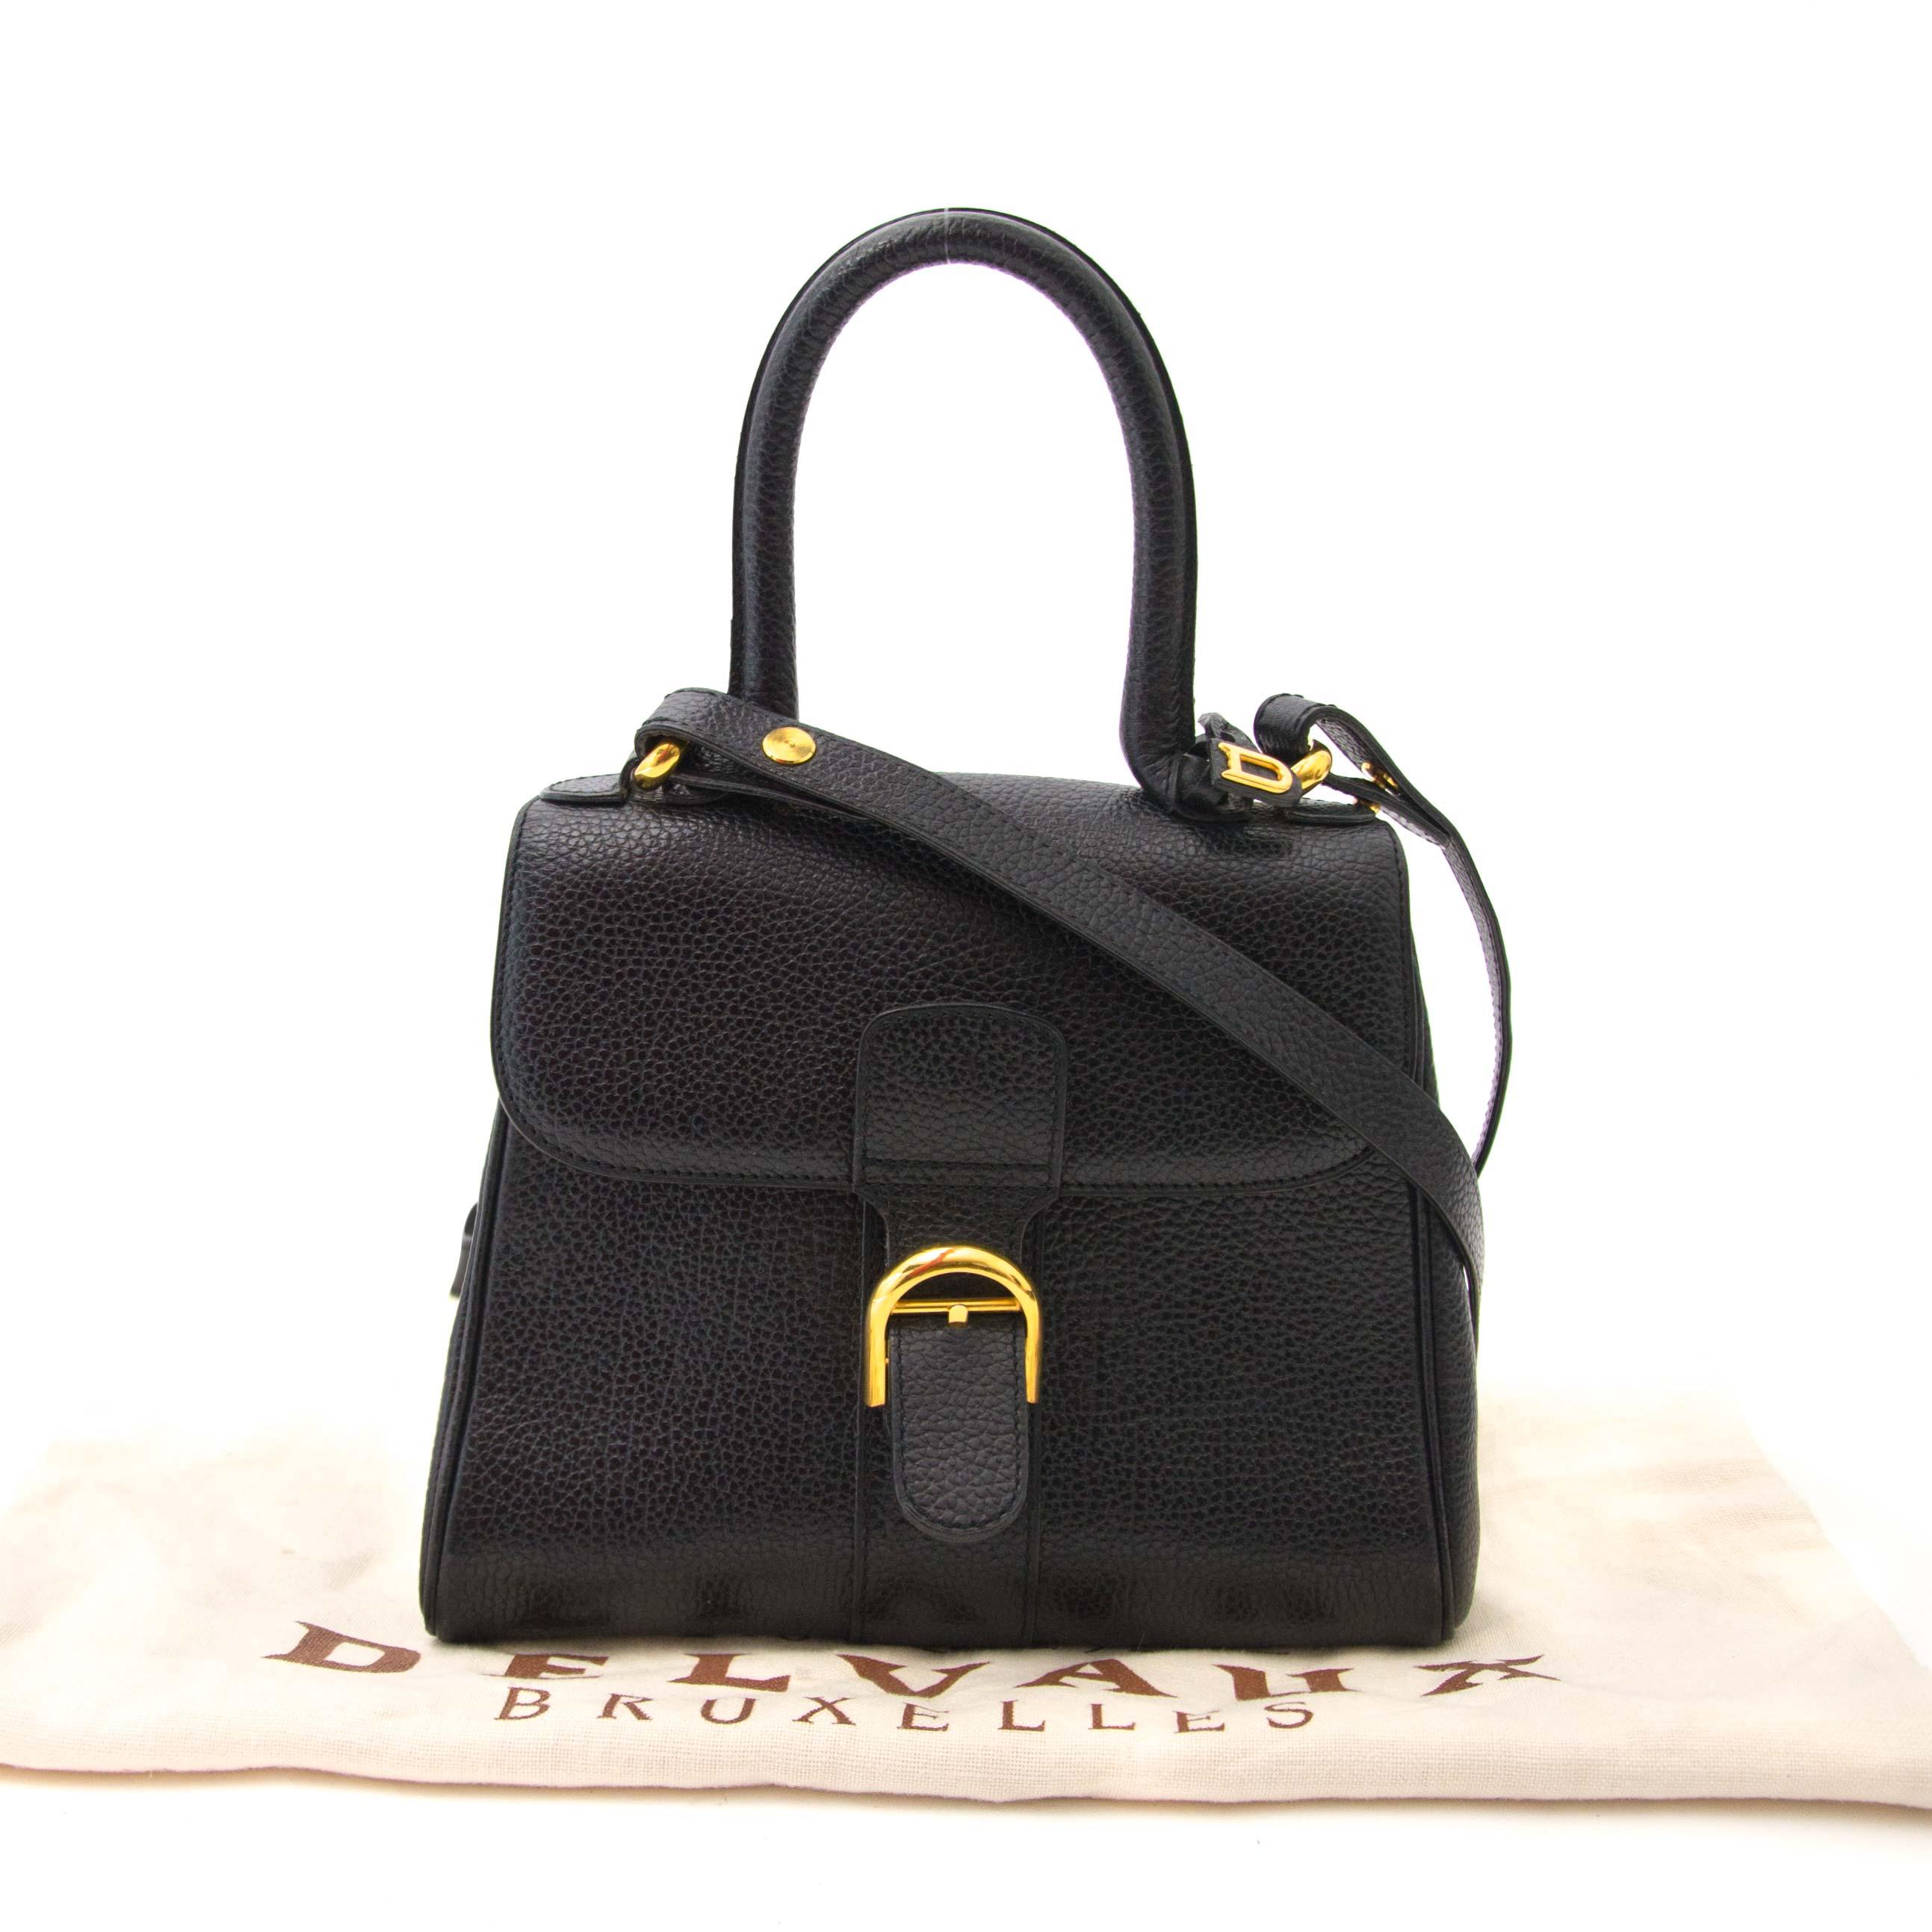 e6cd1e802af6da Labellov Buy authentic vintagePrada designer bags, shoes, clothes ...